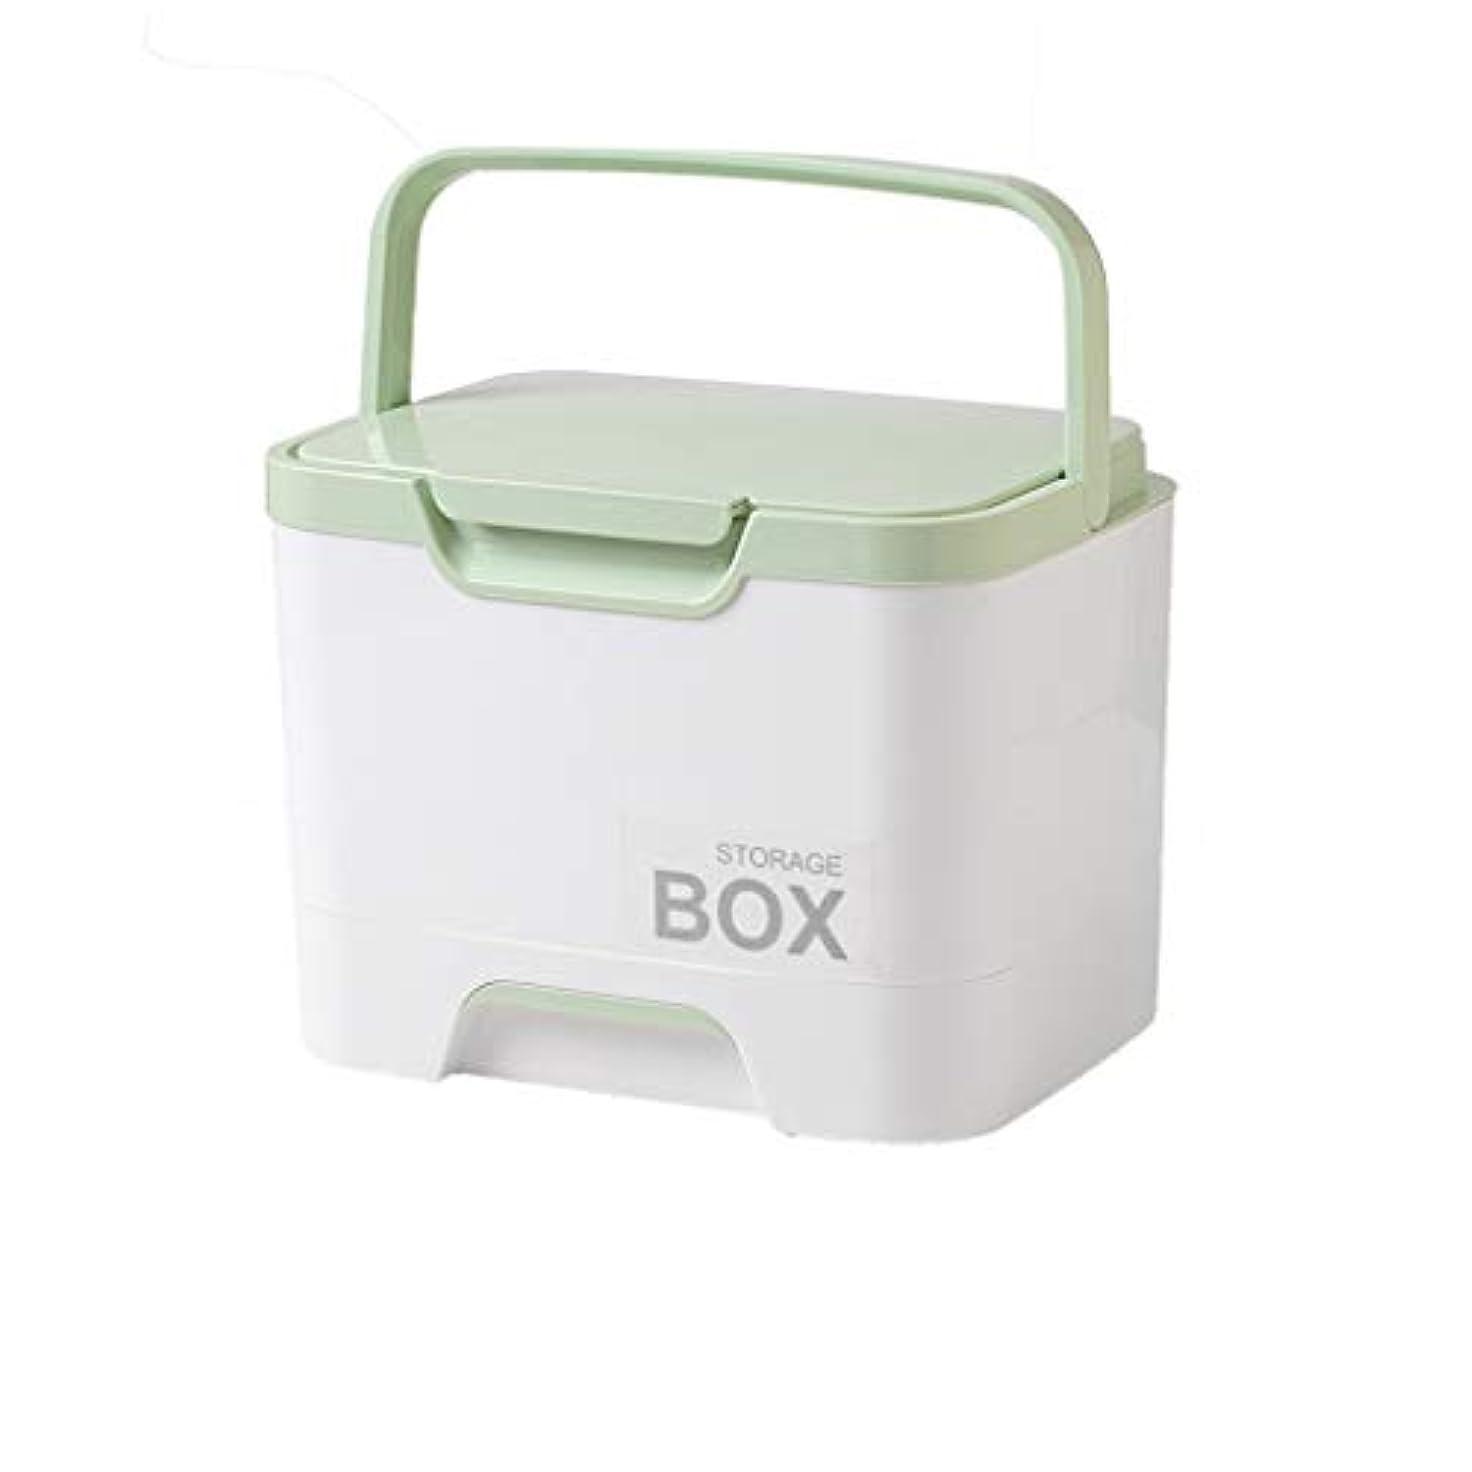 二層の救急箱は4色を使用して学校旅行の自動運転旅行のために適した薬剤の箱を任意で入れます SYFO (Color : Green)